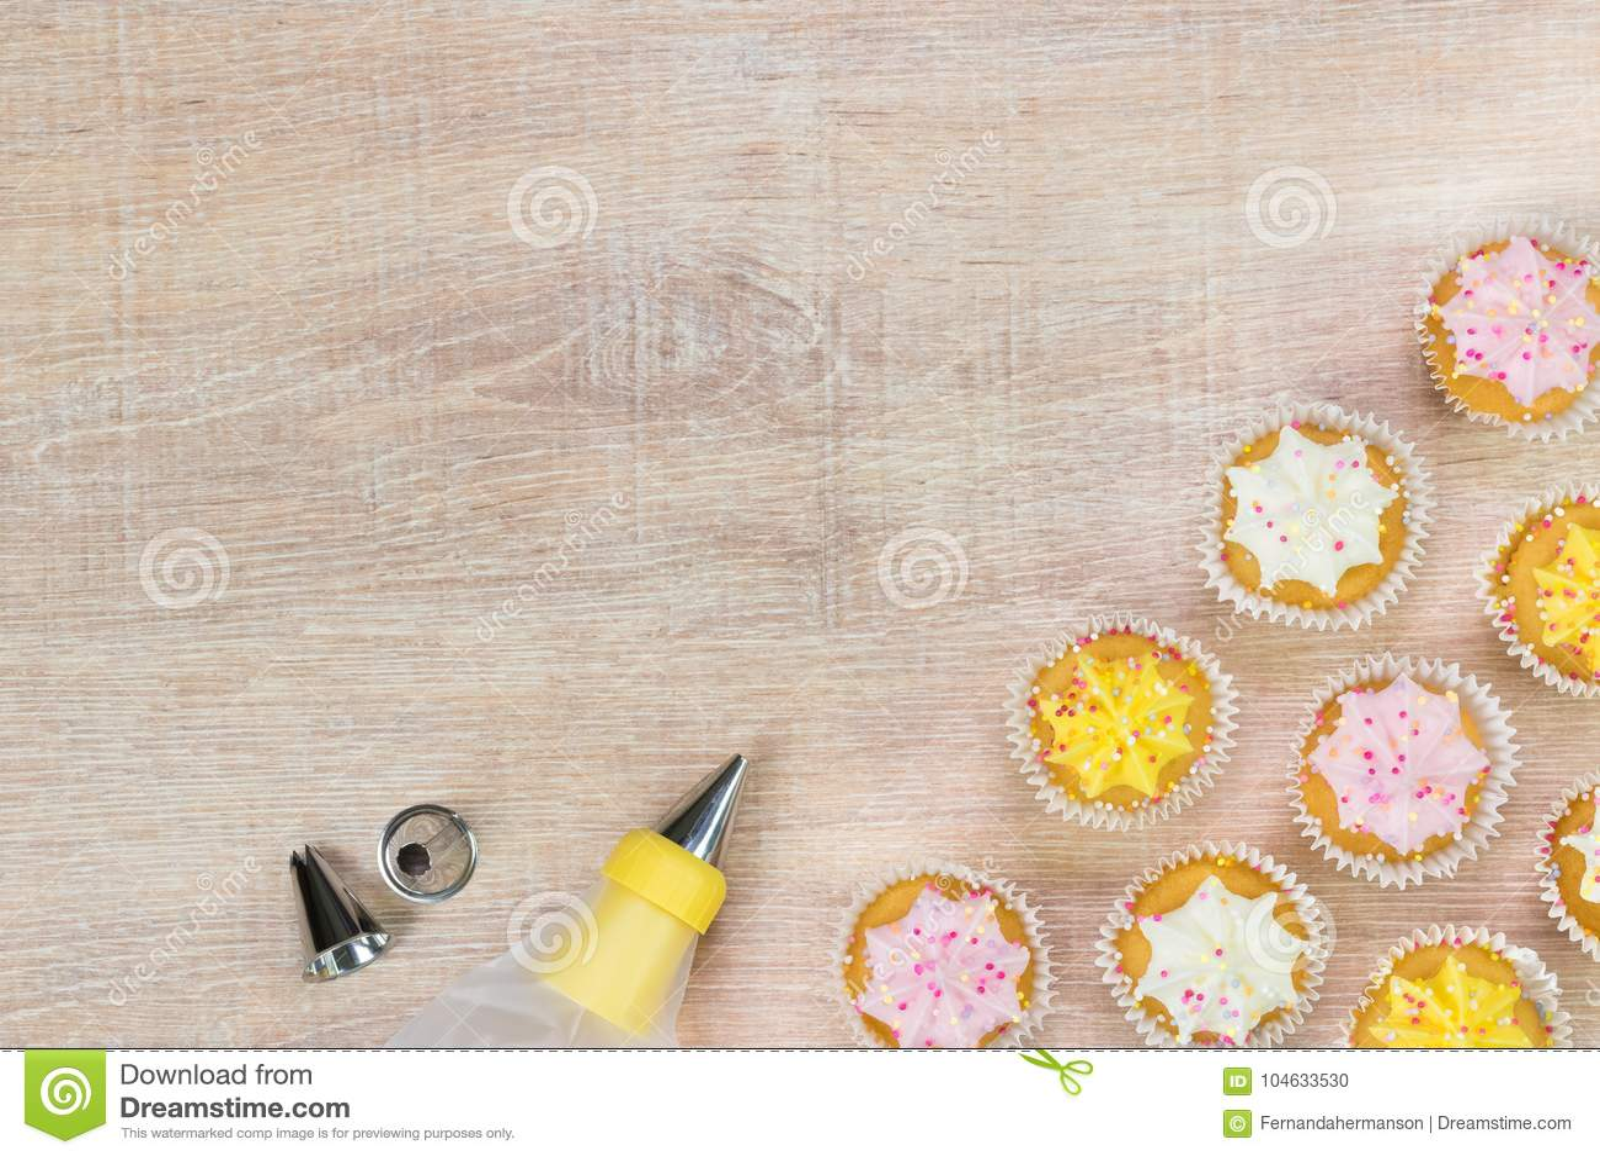 Download Kleurrijke Cupcakes En Bakselhulpmiddelen Op Een Houten Lijstachtergrond Stock Foto - Afbeelding bestaande uit vakantie, feestelijk: 104633530